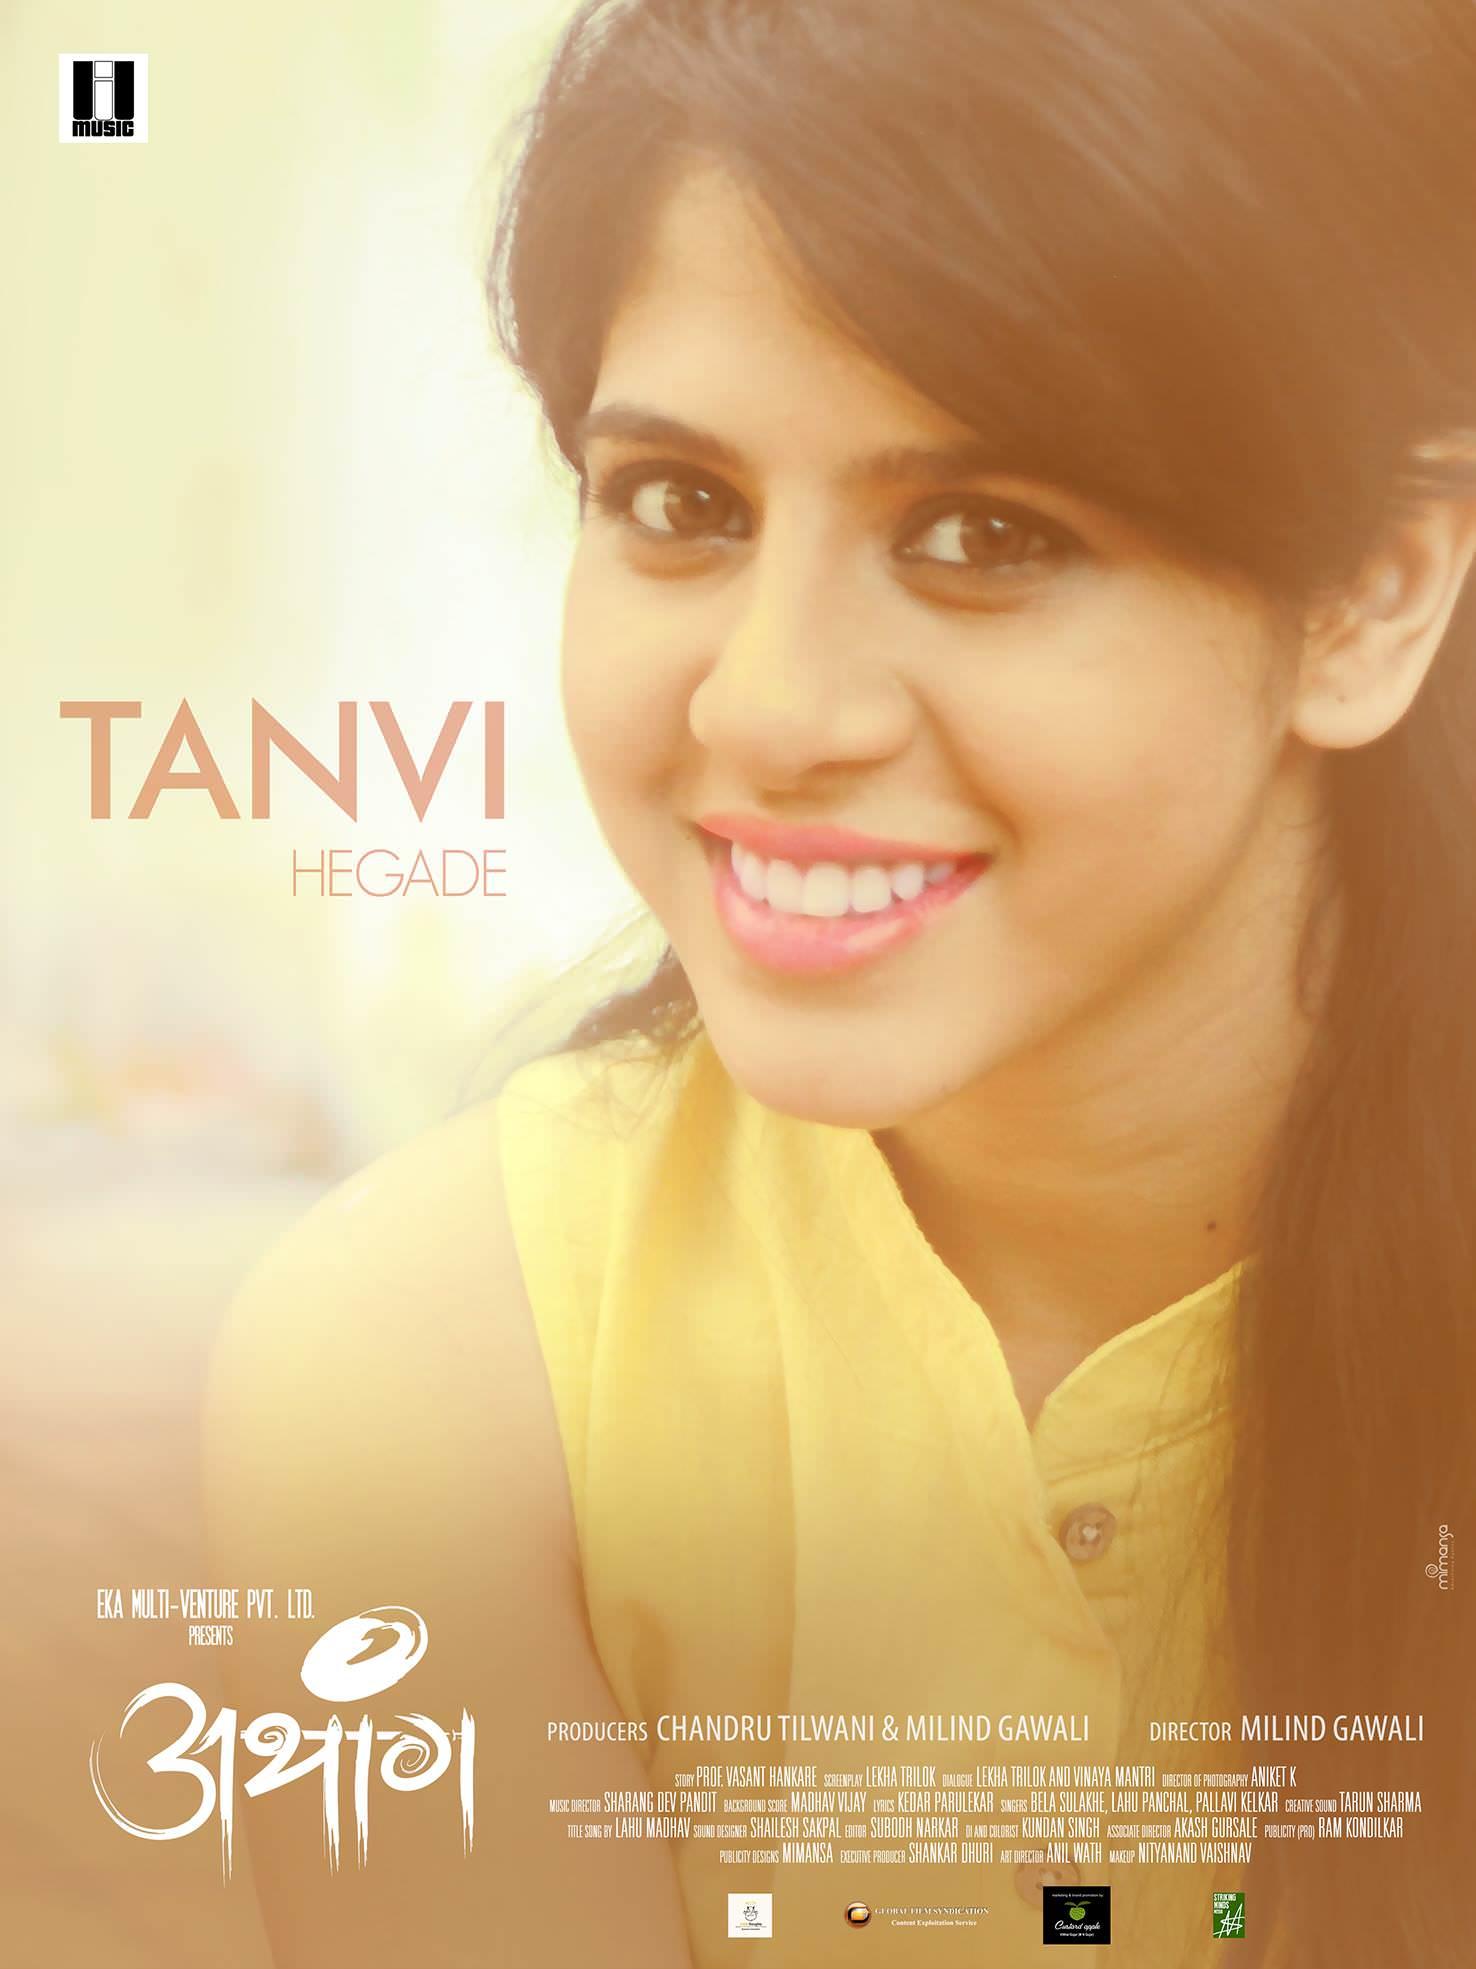 <b>Tanvi Hegde</b> - Athang Marathi Movie Poster - Tanvi-Hegde-Athang-Marathi-Movie-Poster